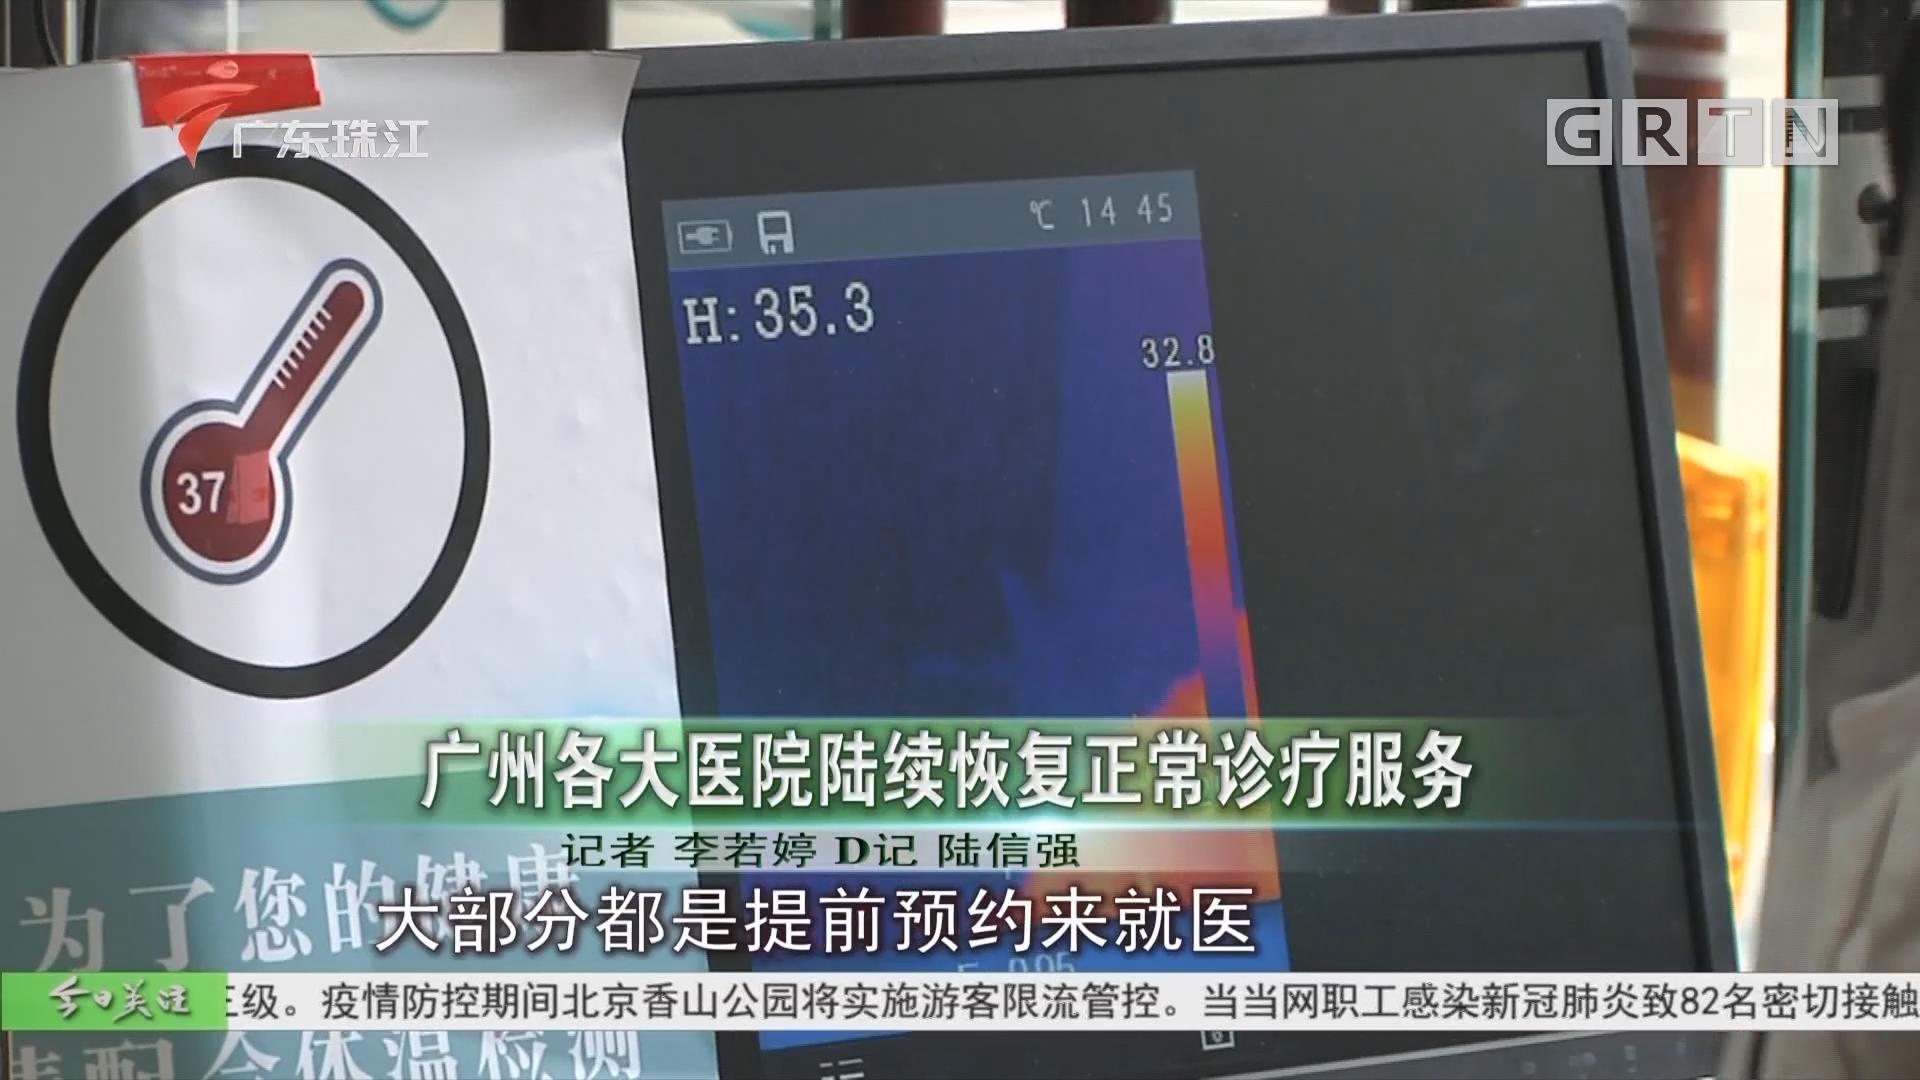 广州各大医院陆续恢复正常诊疗服务